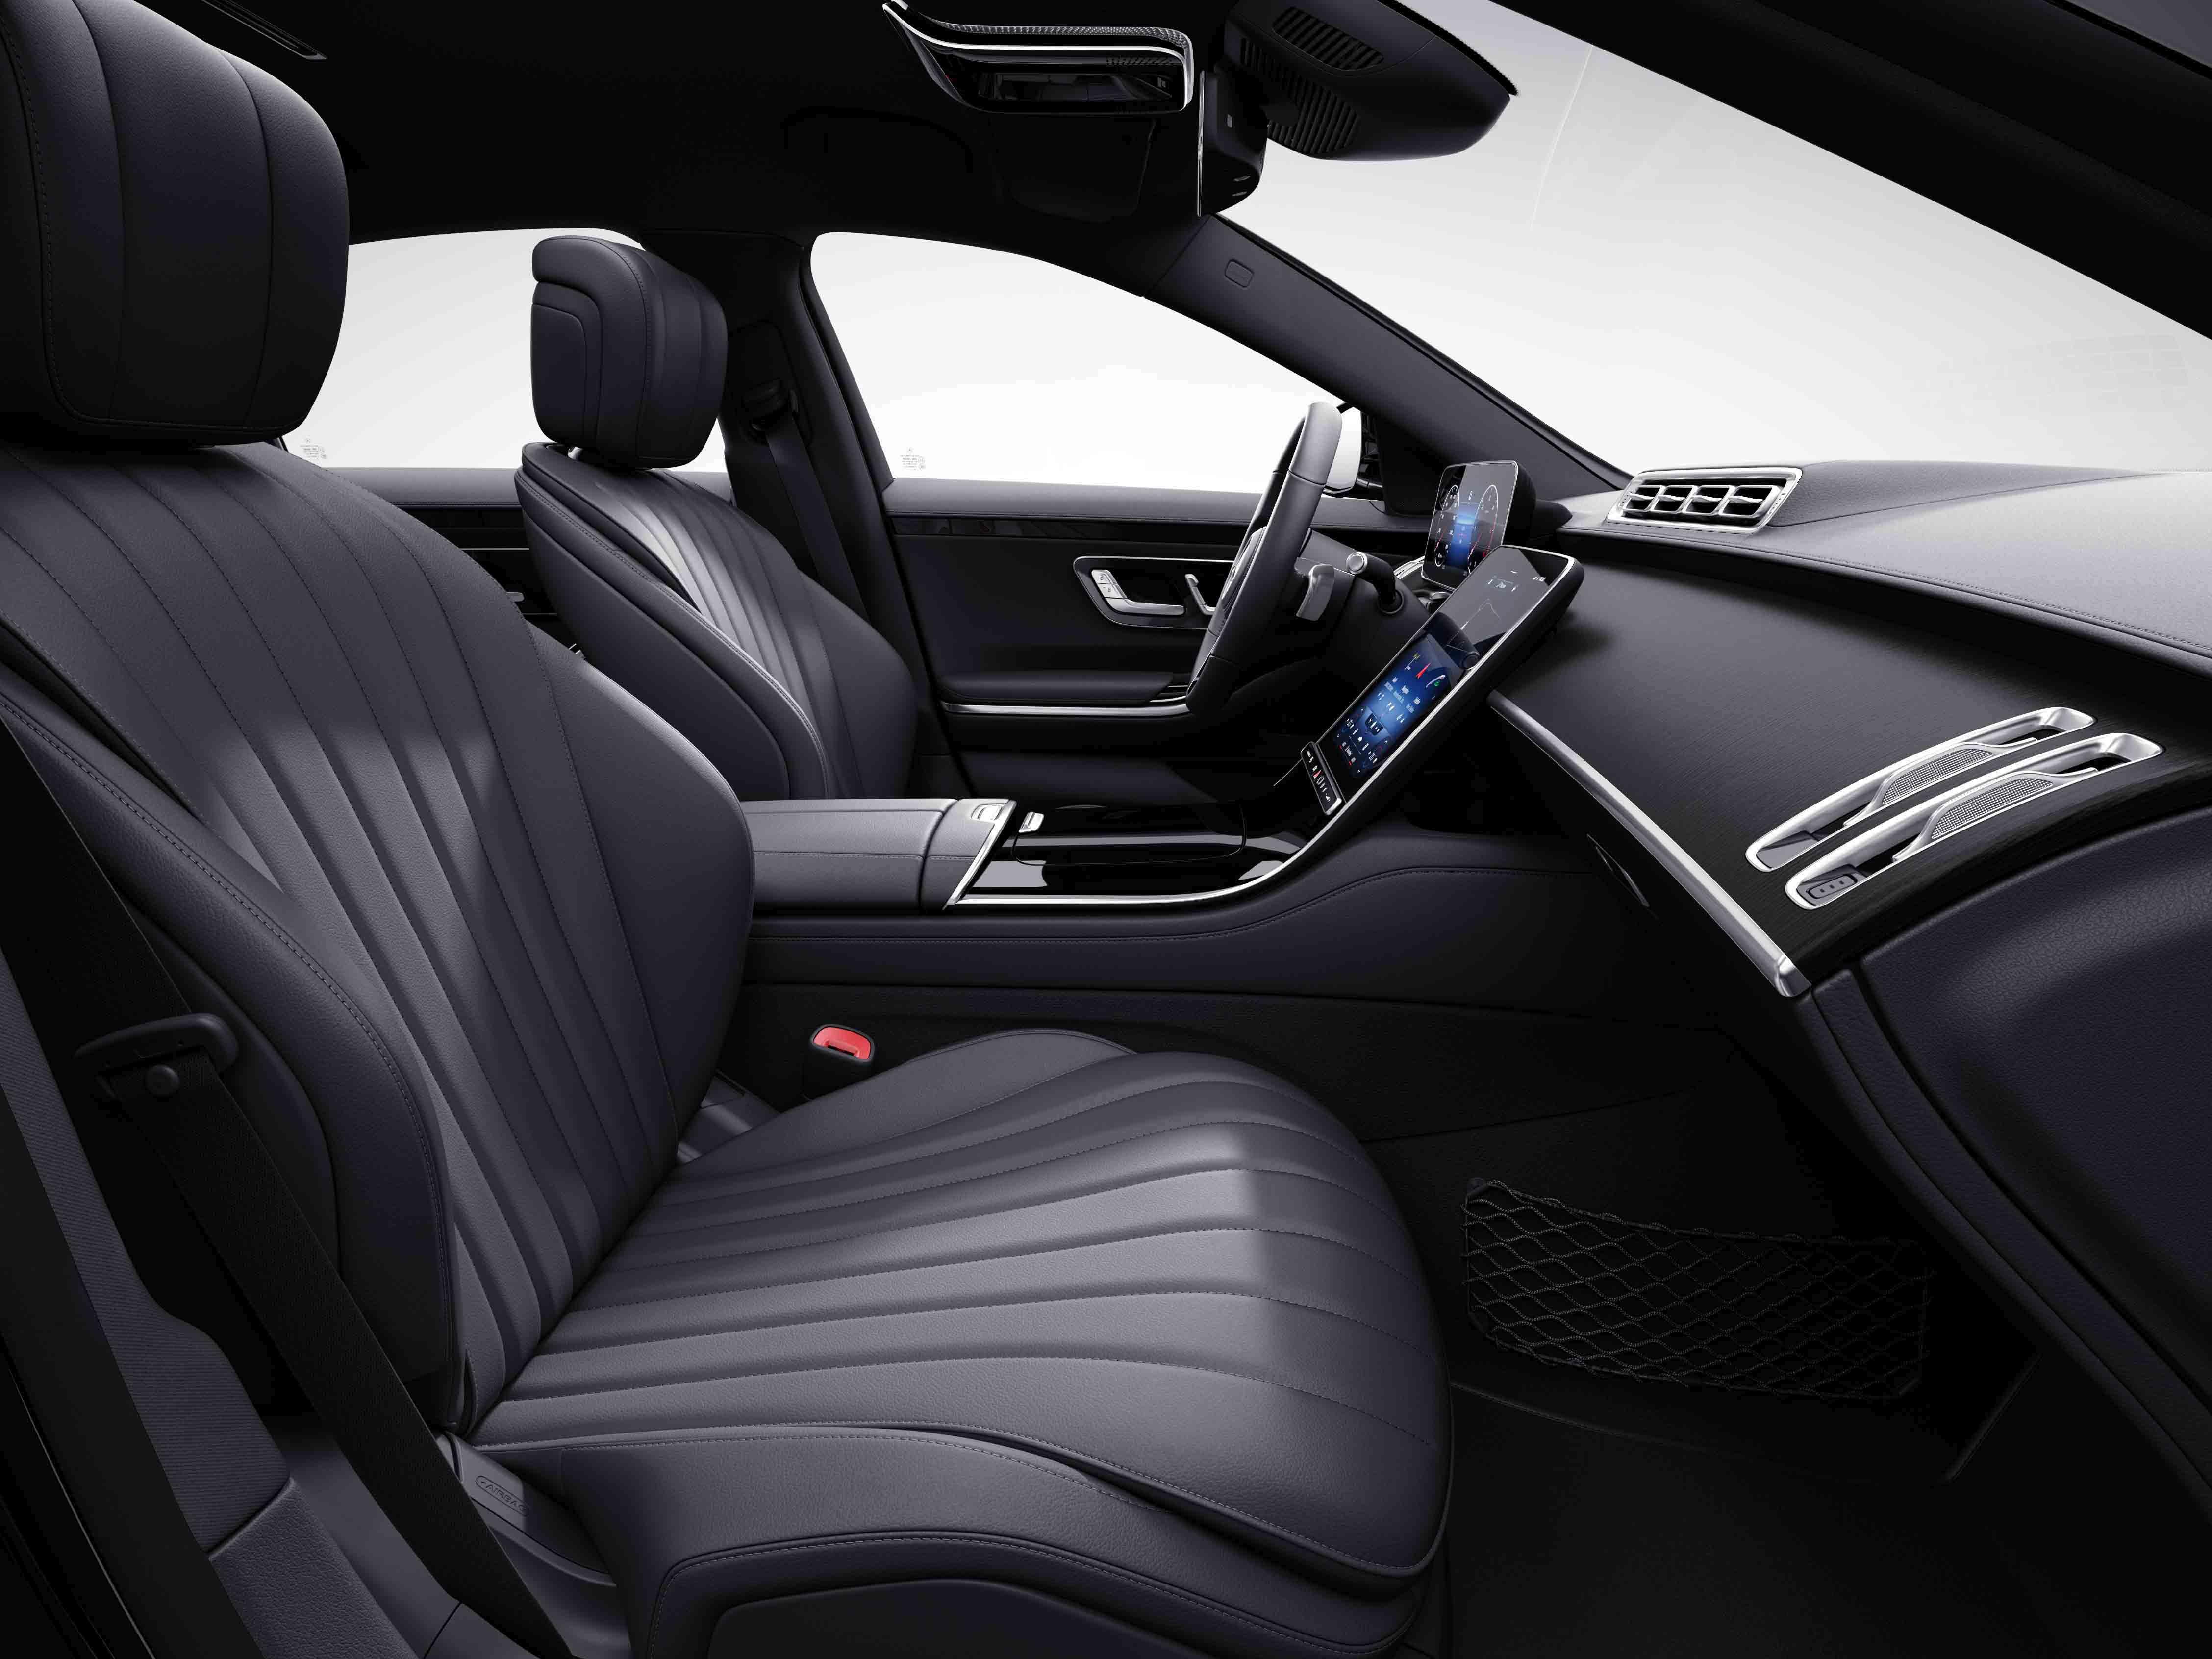 Habitacle de la Mercedes Classe S Limousine avec une Sellerie cuir Noir